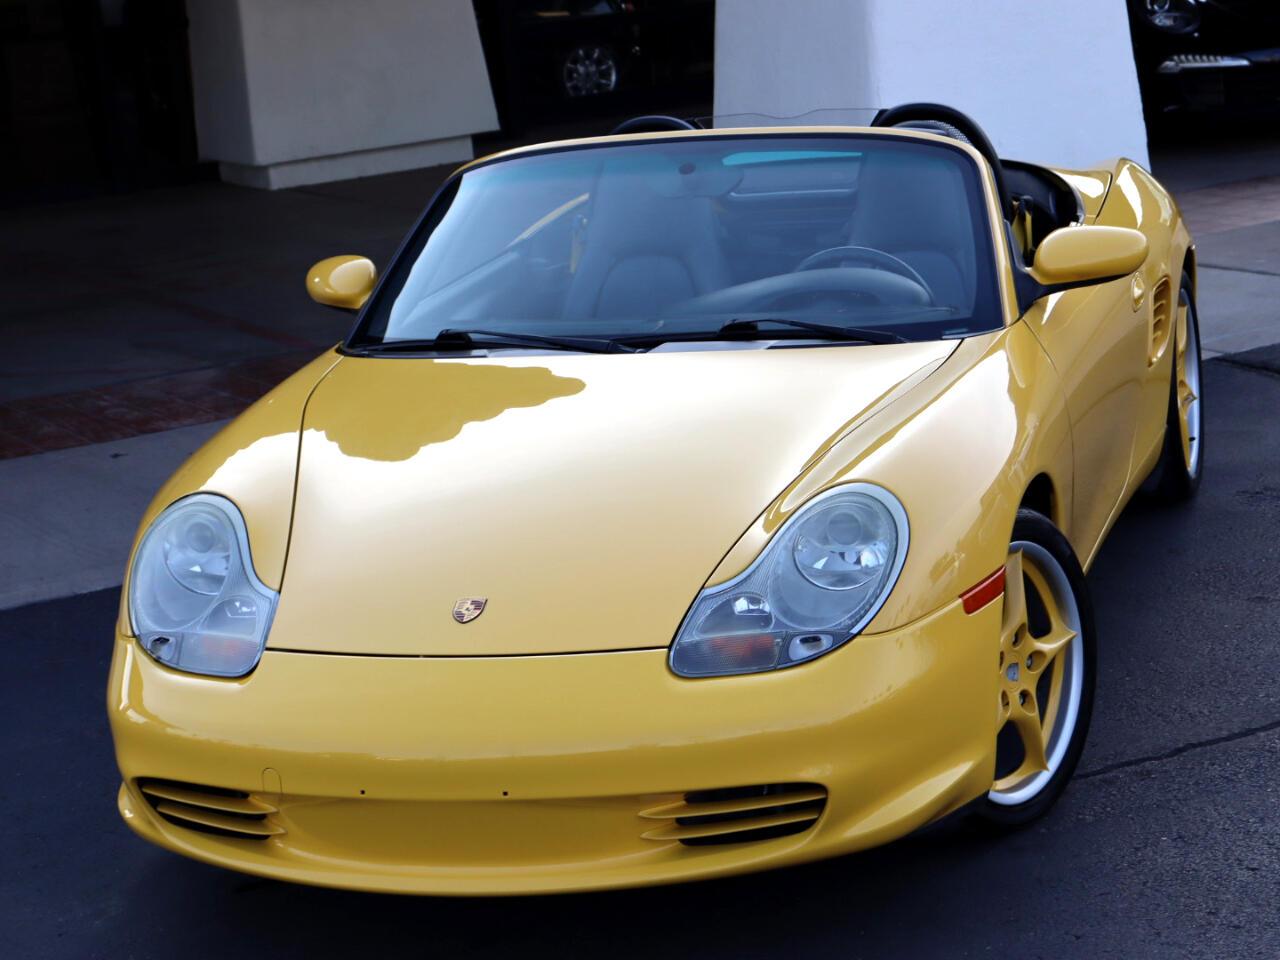 Porsche Boxster Base 2004